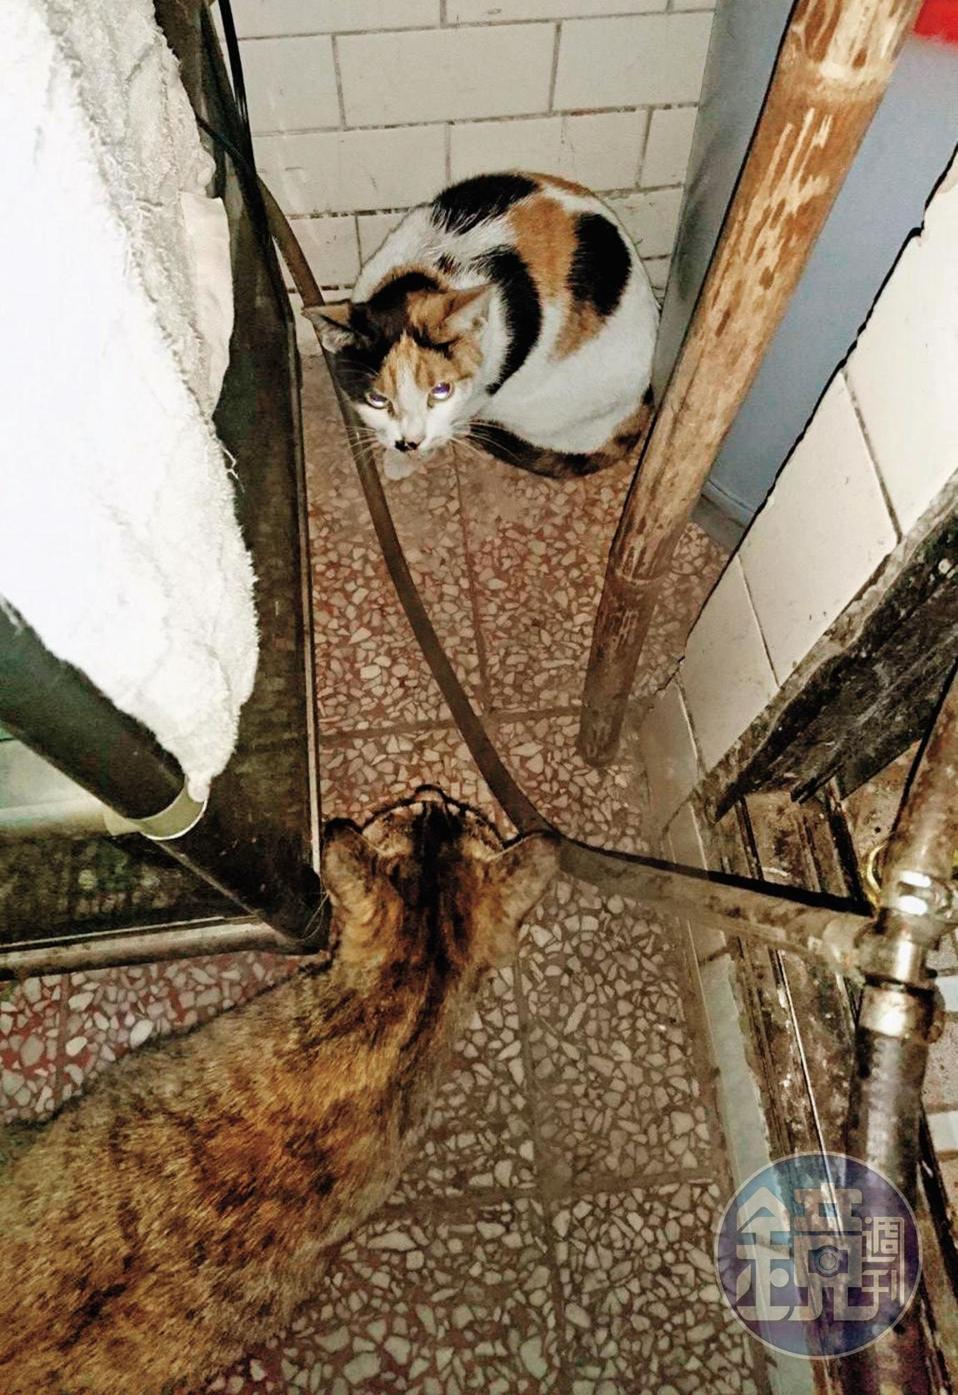 李先生將三花貓送到朱女家中,確認牠沒有與朱女的虎斑貓發生衝突才離開,這卻是他與貓咪的最後一面。(讀者提供)